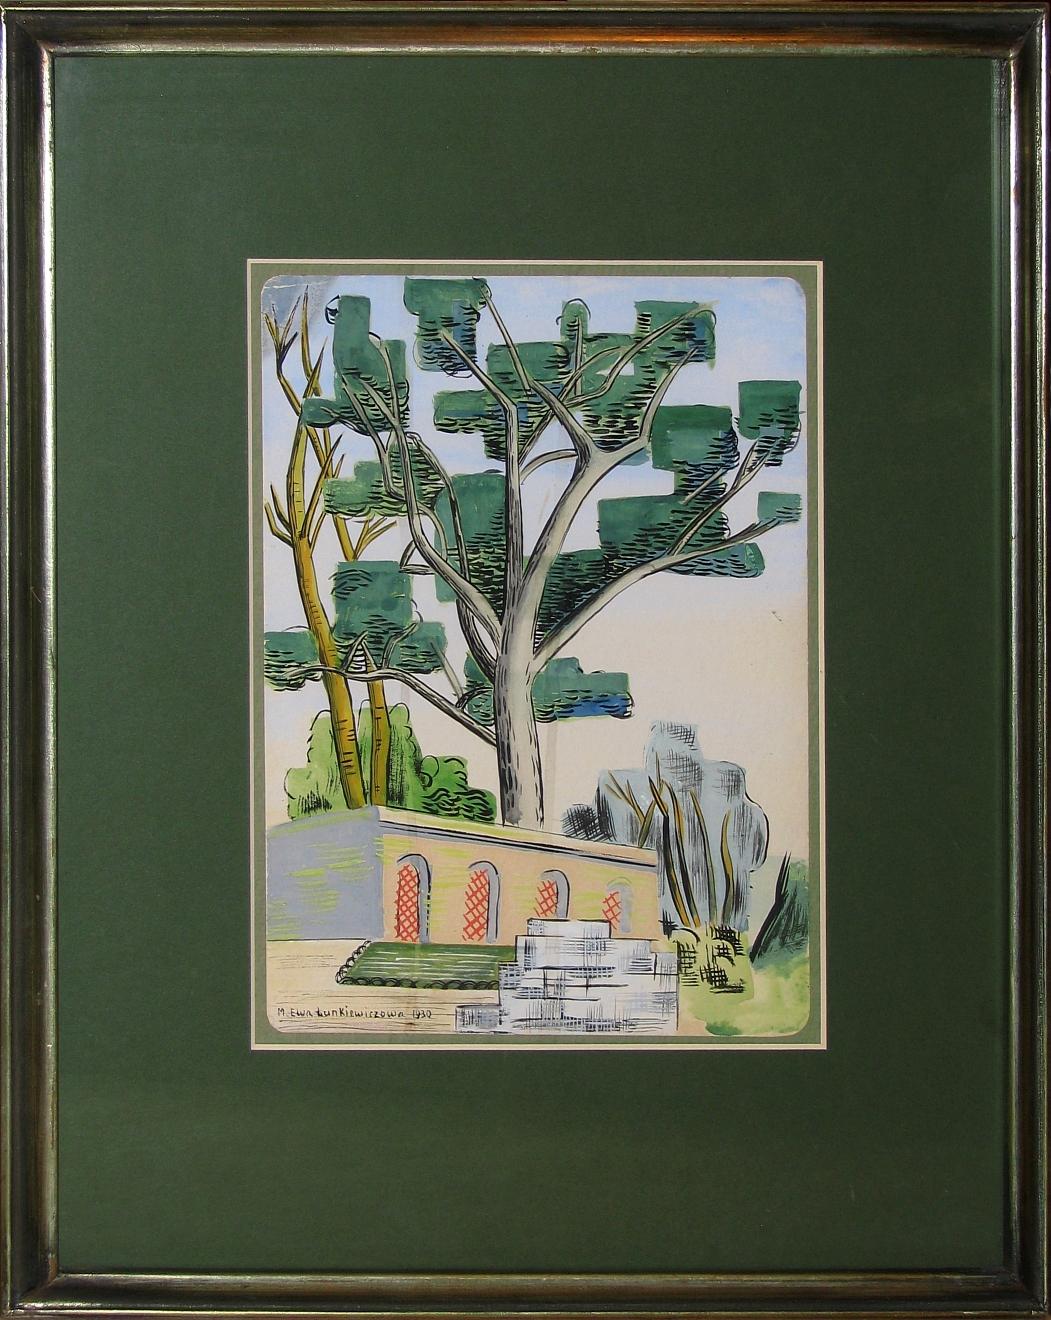 Łunkiewicz - Rogoyska Maria Ewa (1895-1967), Pejzaż z drzewami i architekturą,1930